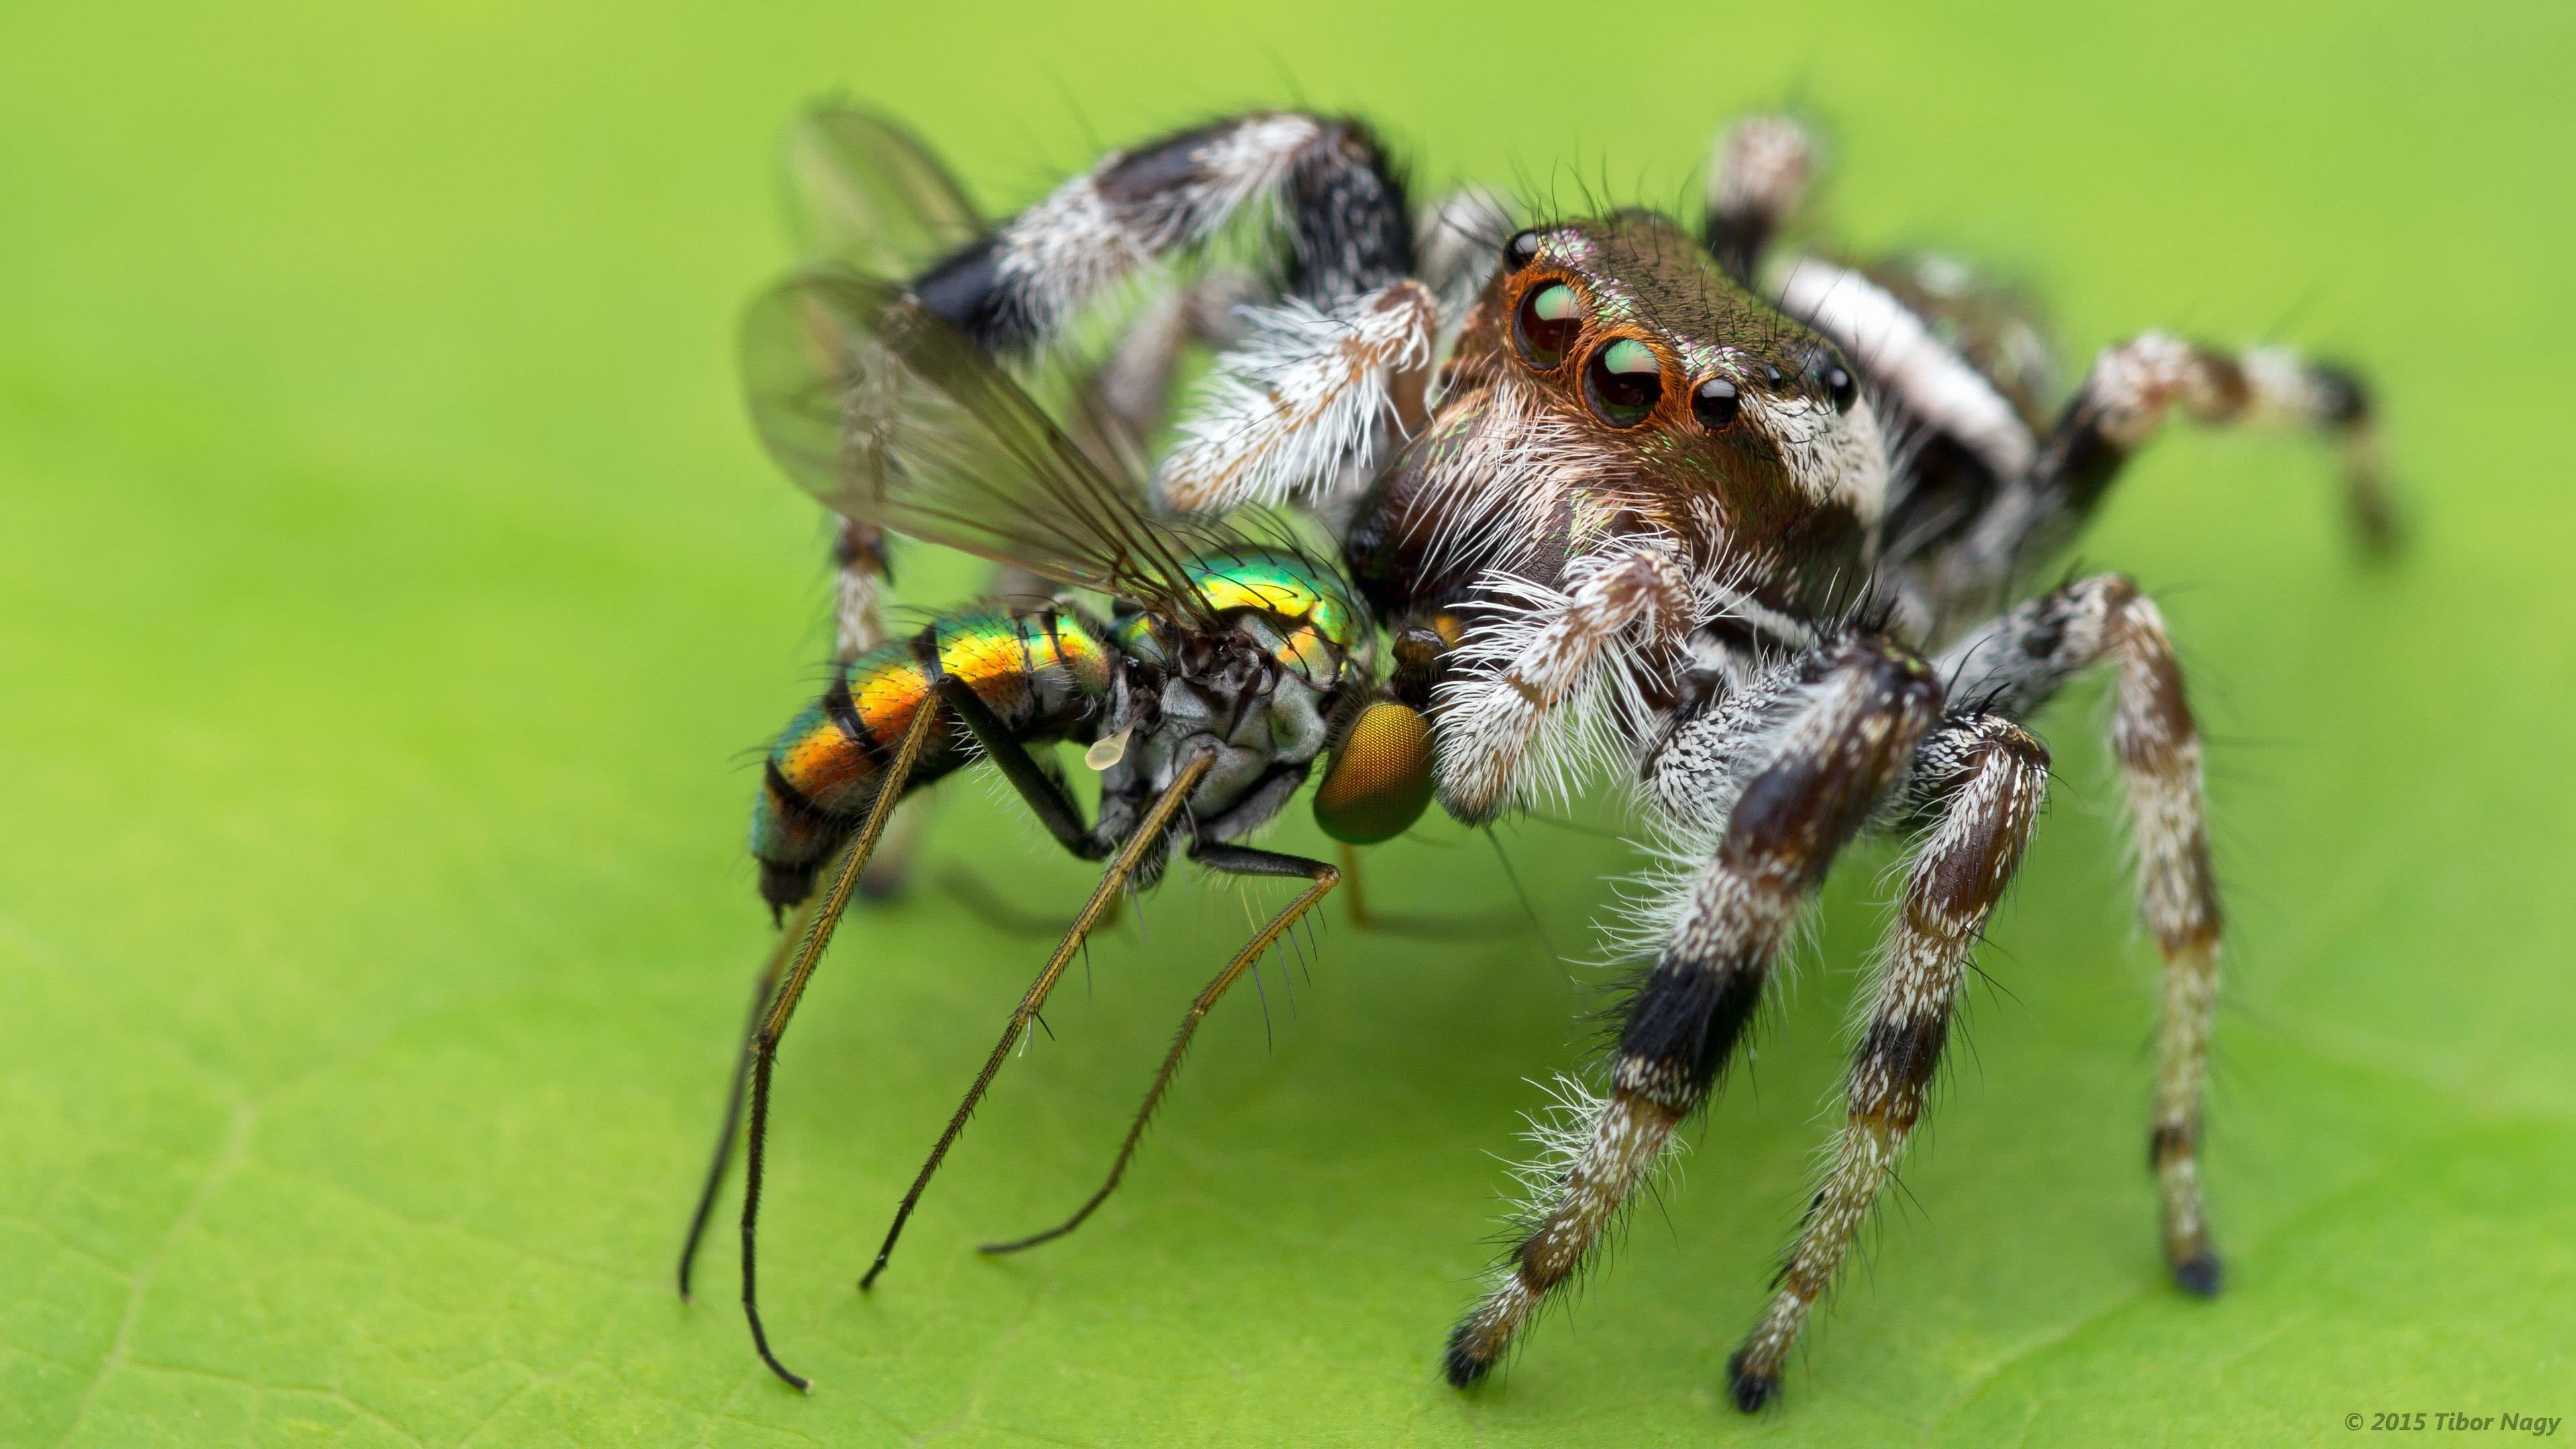 jumping spider uhd 4k wallpaper